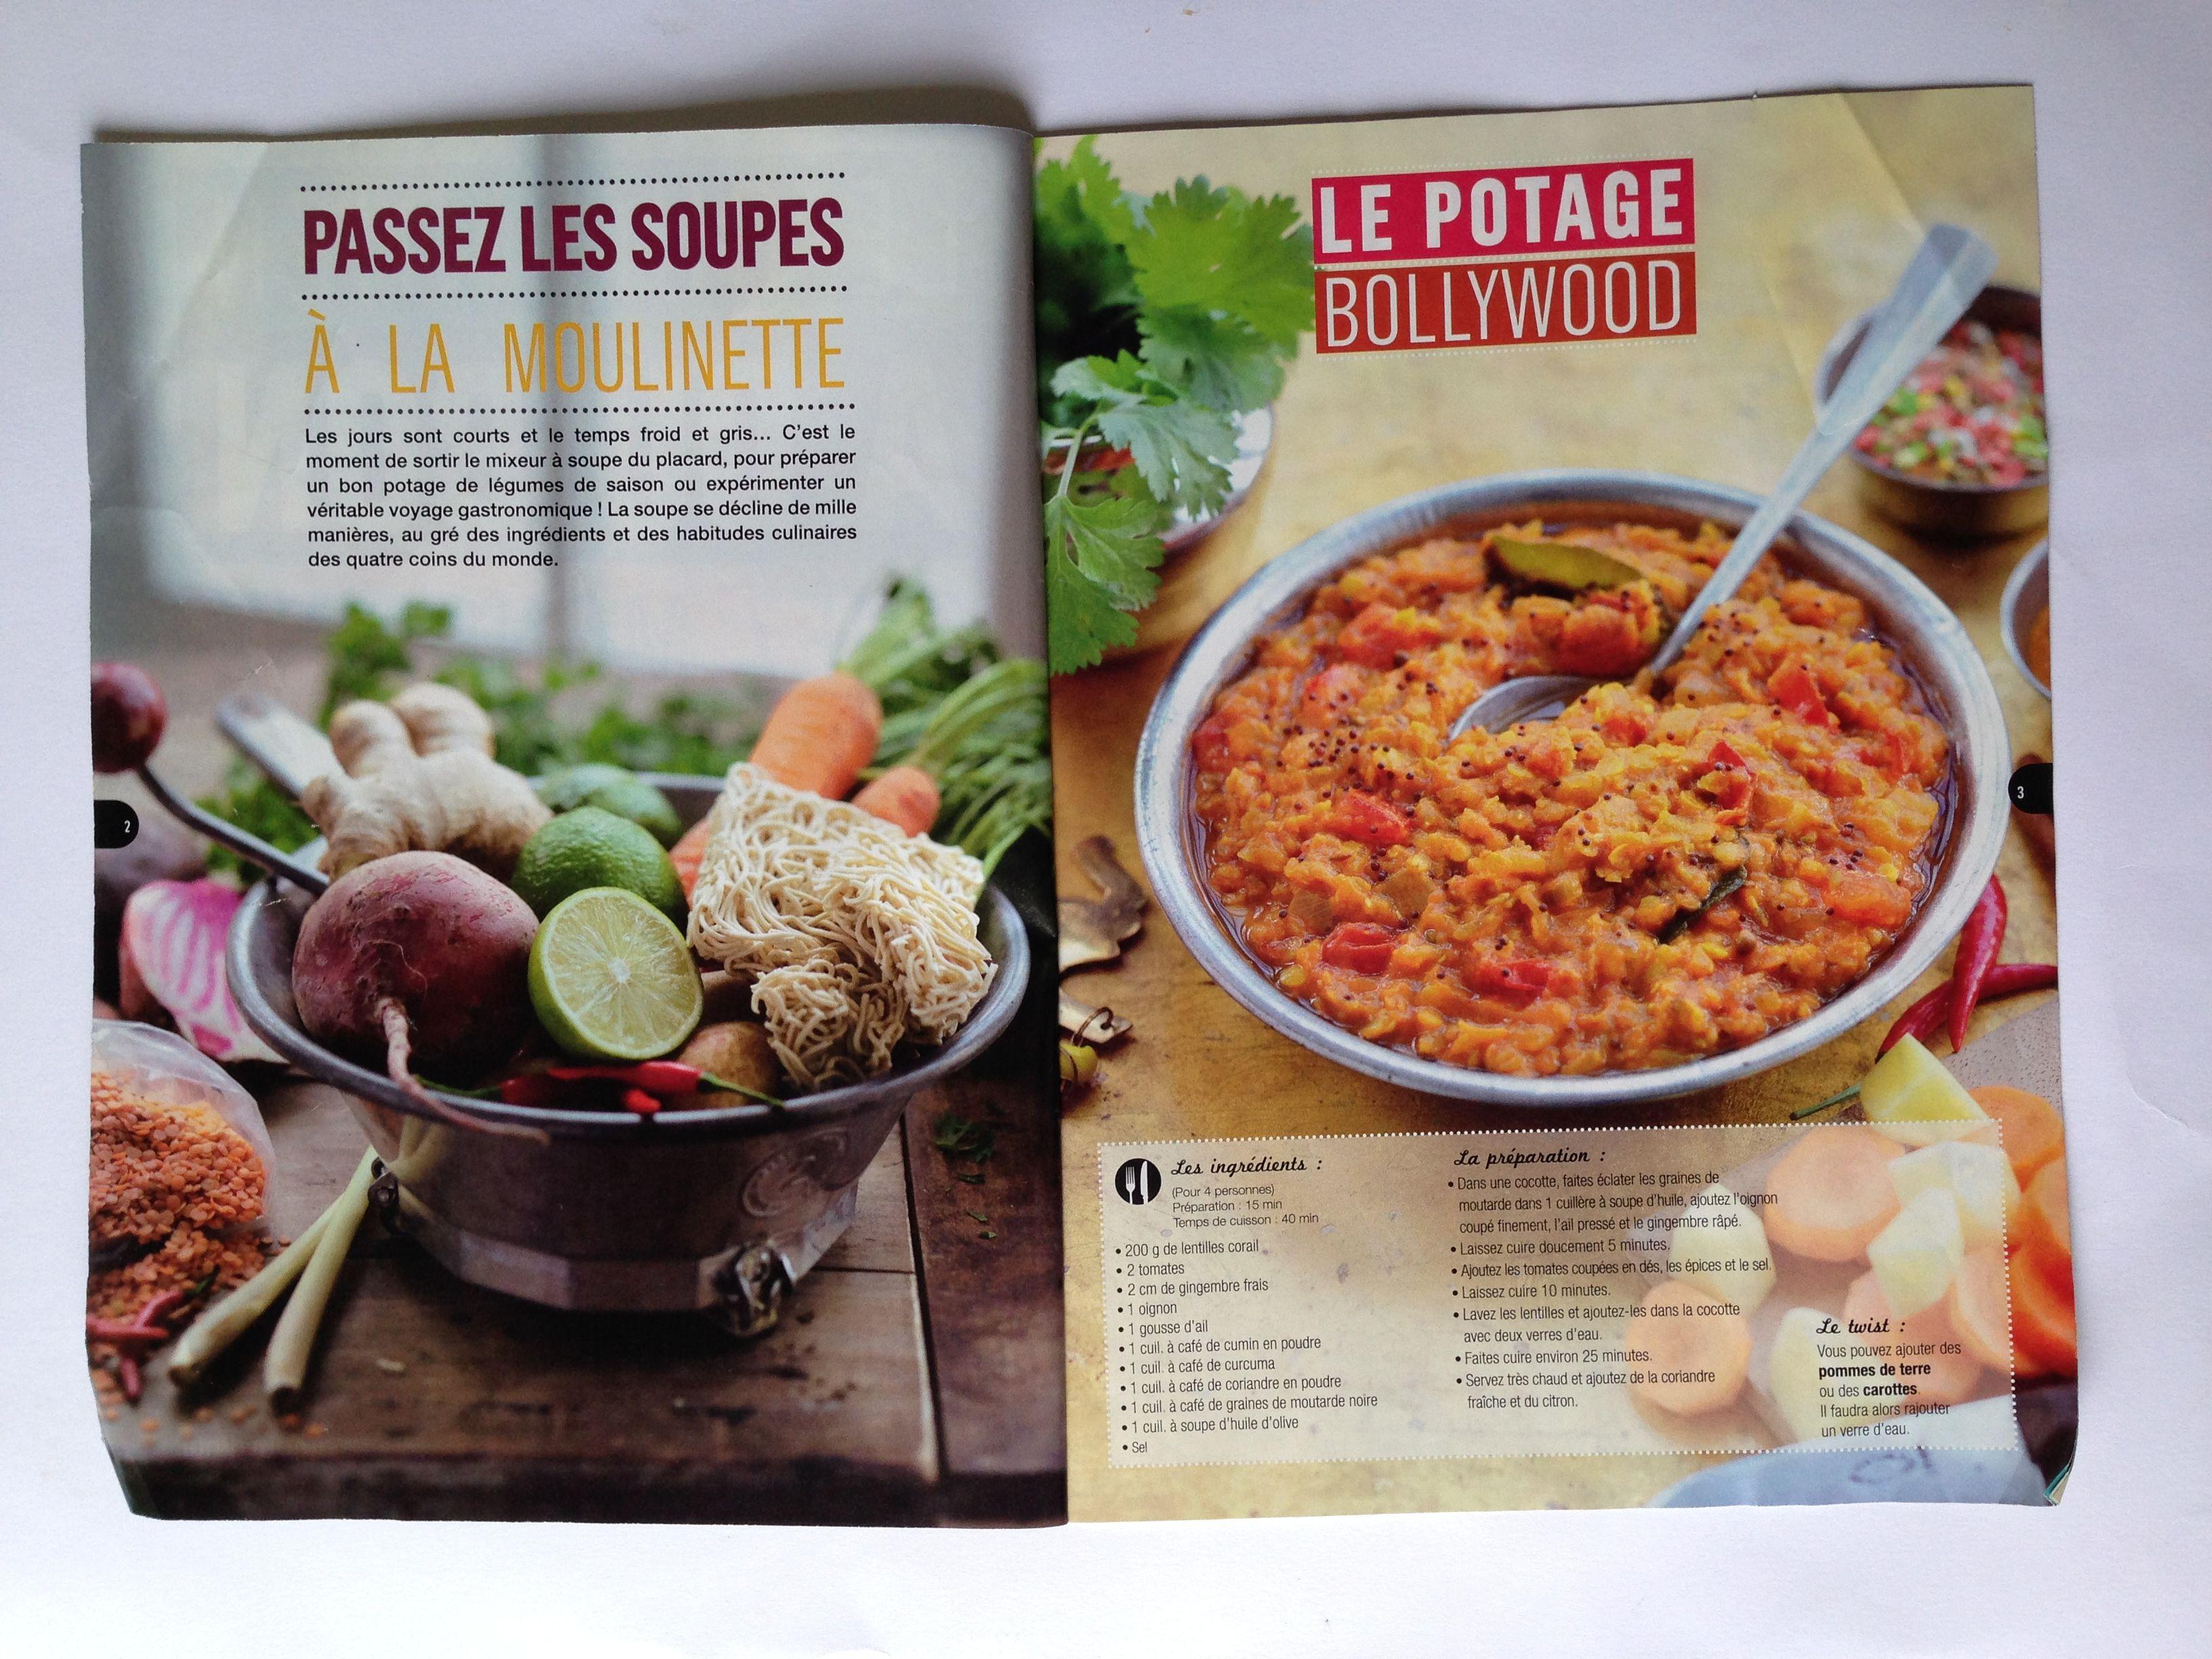 Le quotidien a du bon chez Monoprix! recettes asiatiques Photographe: Nathalie Carnet